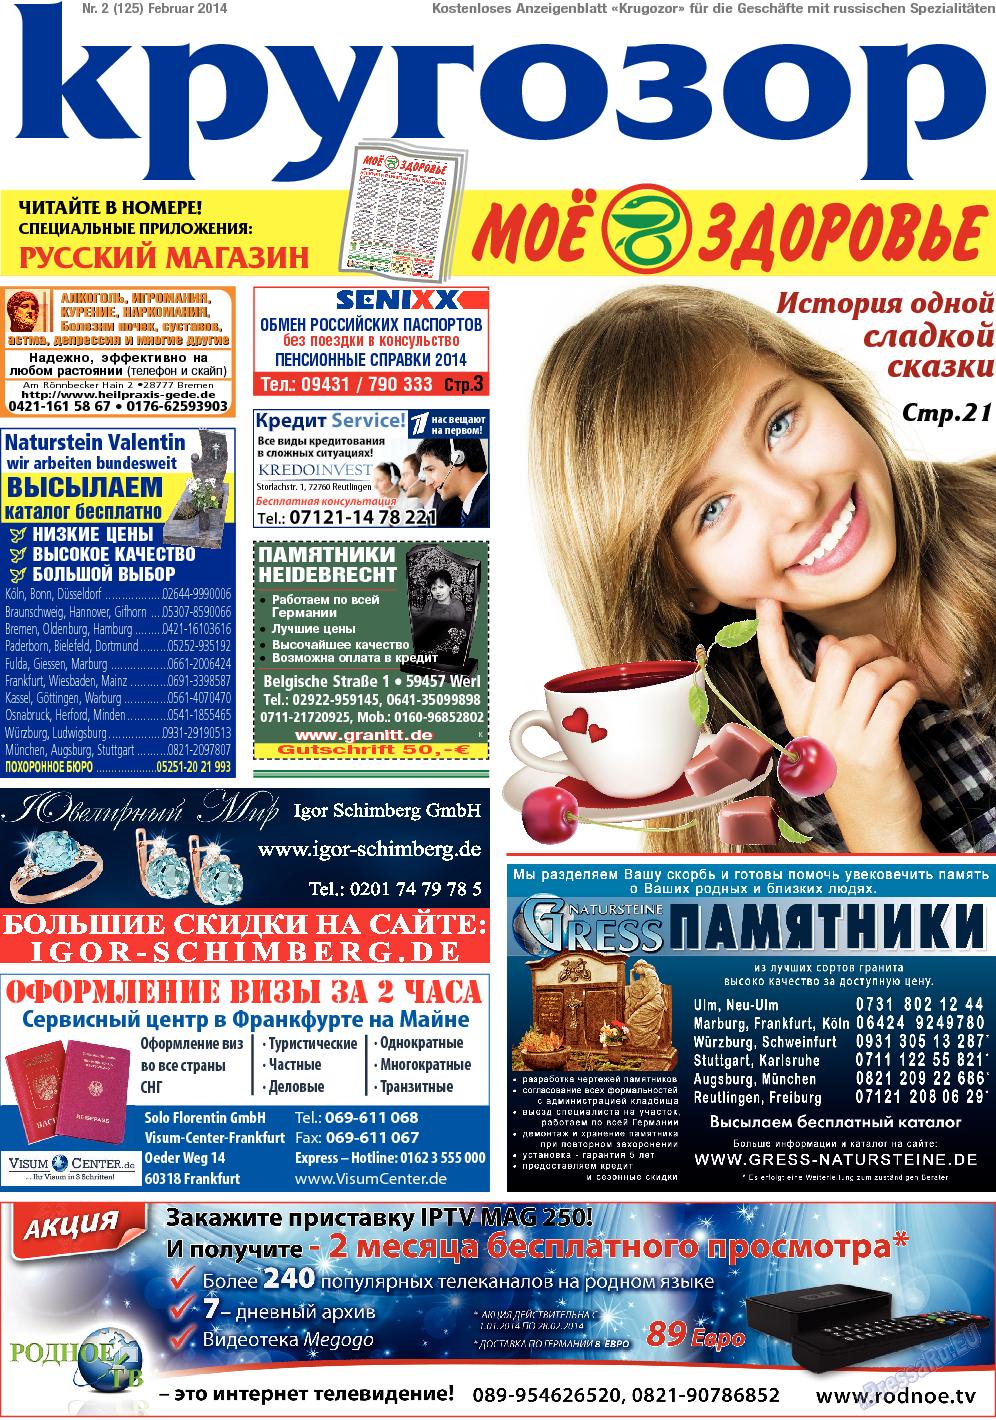 Кругозор (газета). 2014 год, номер 2, стр. 1